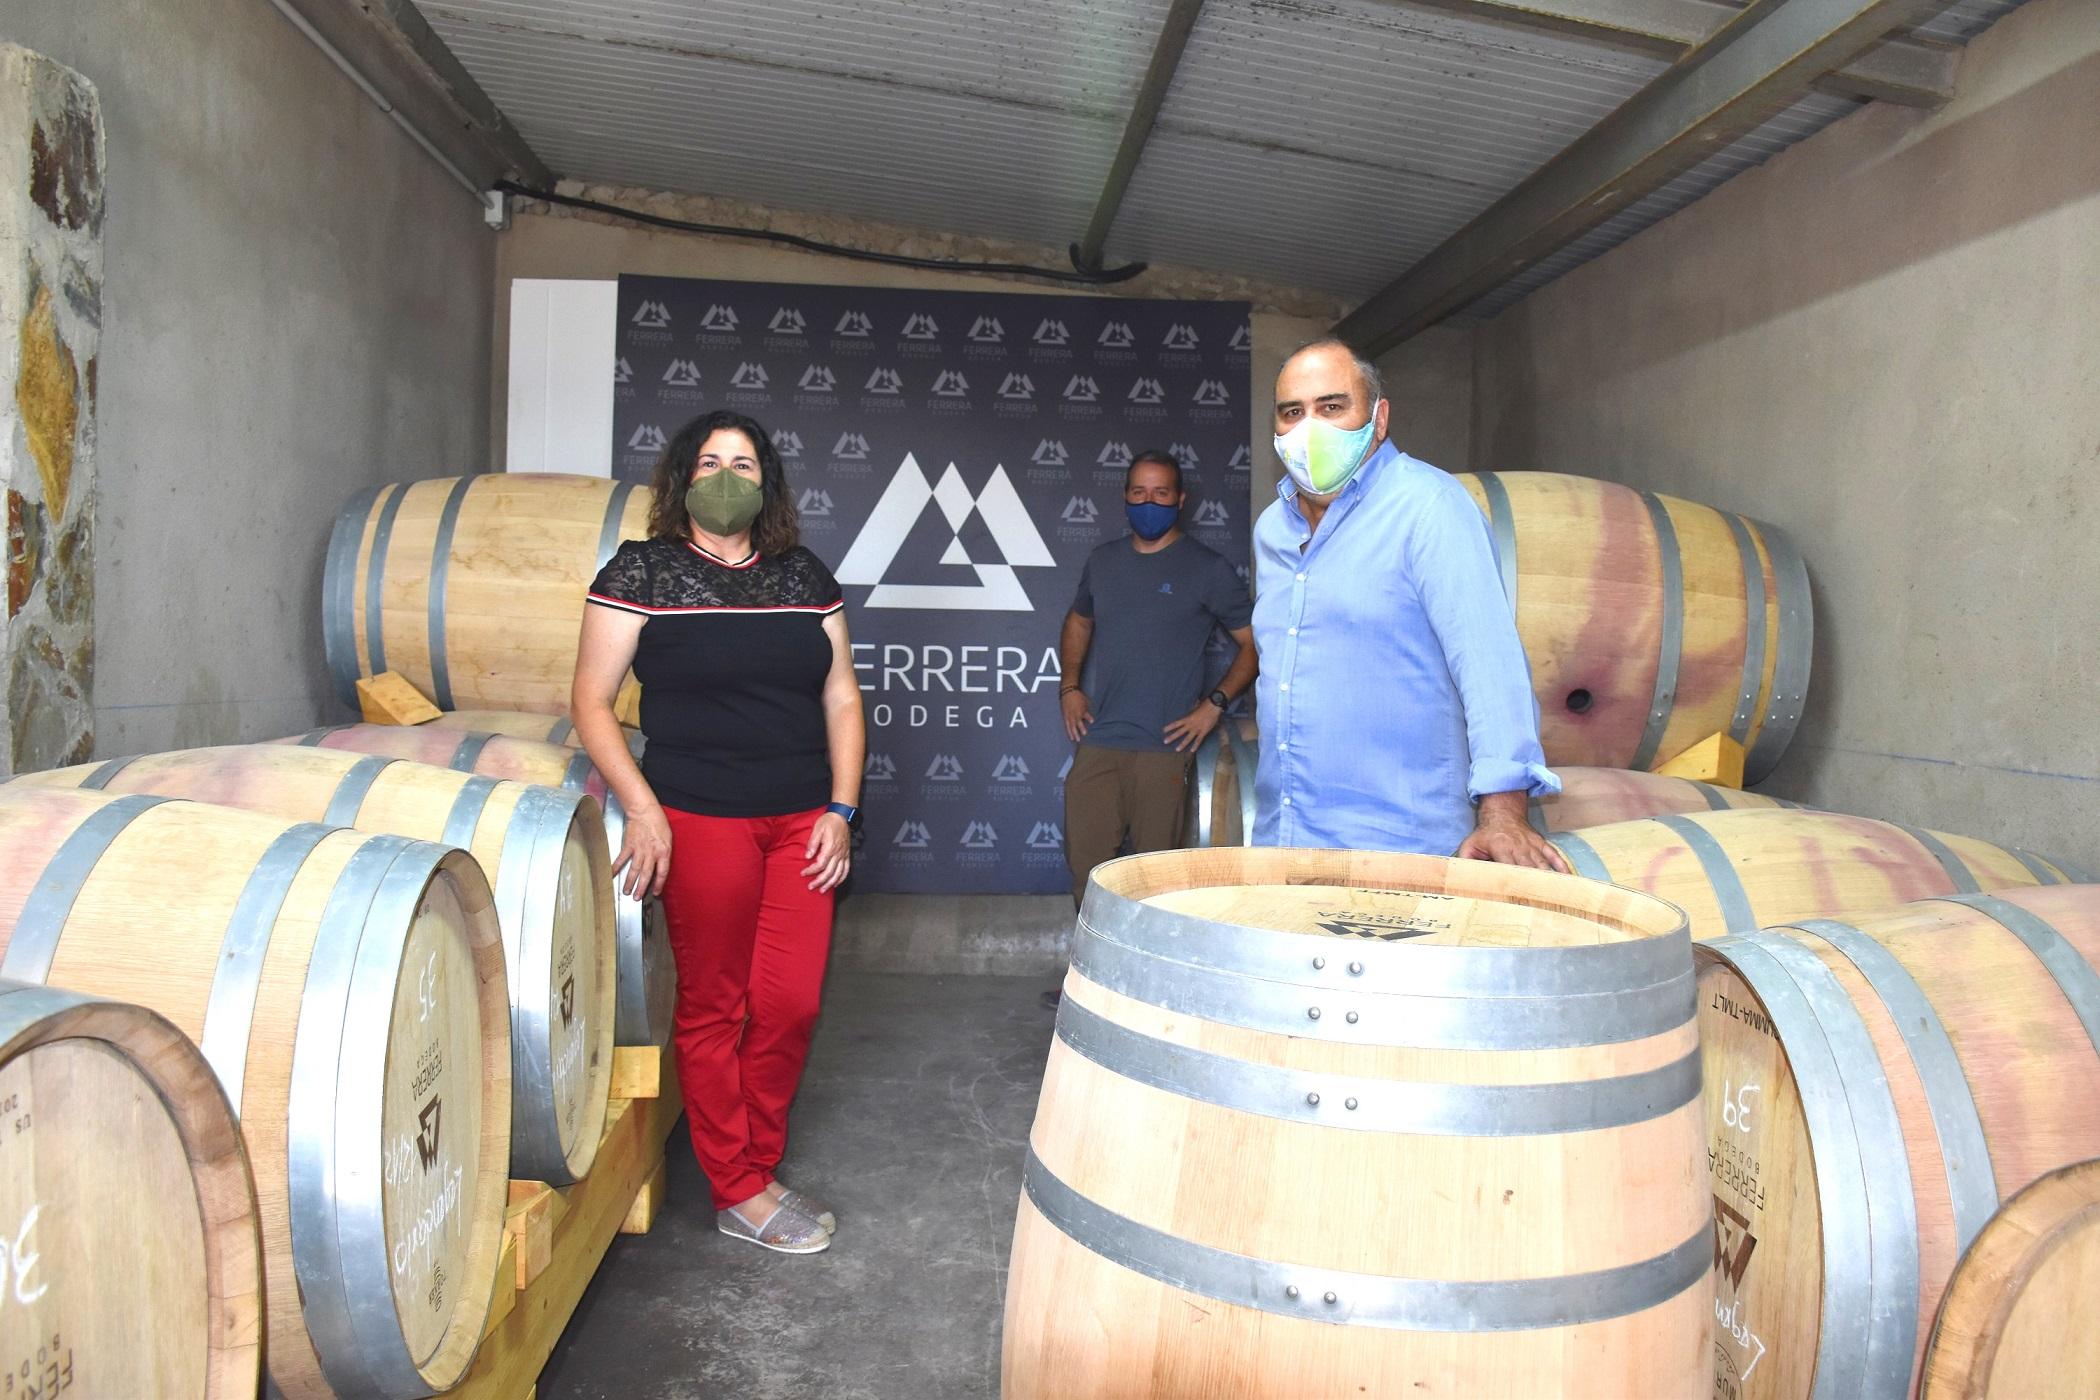 Visita Bodegas Ferrera - copia